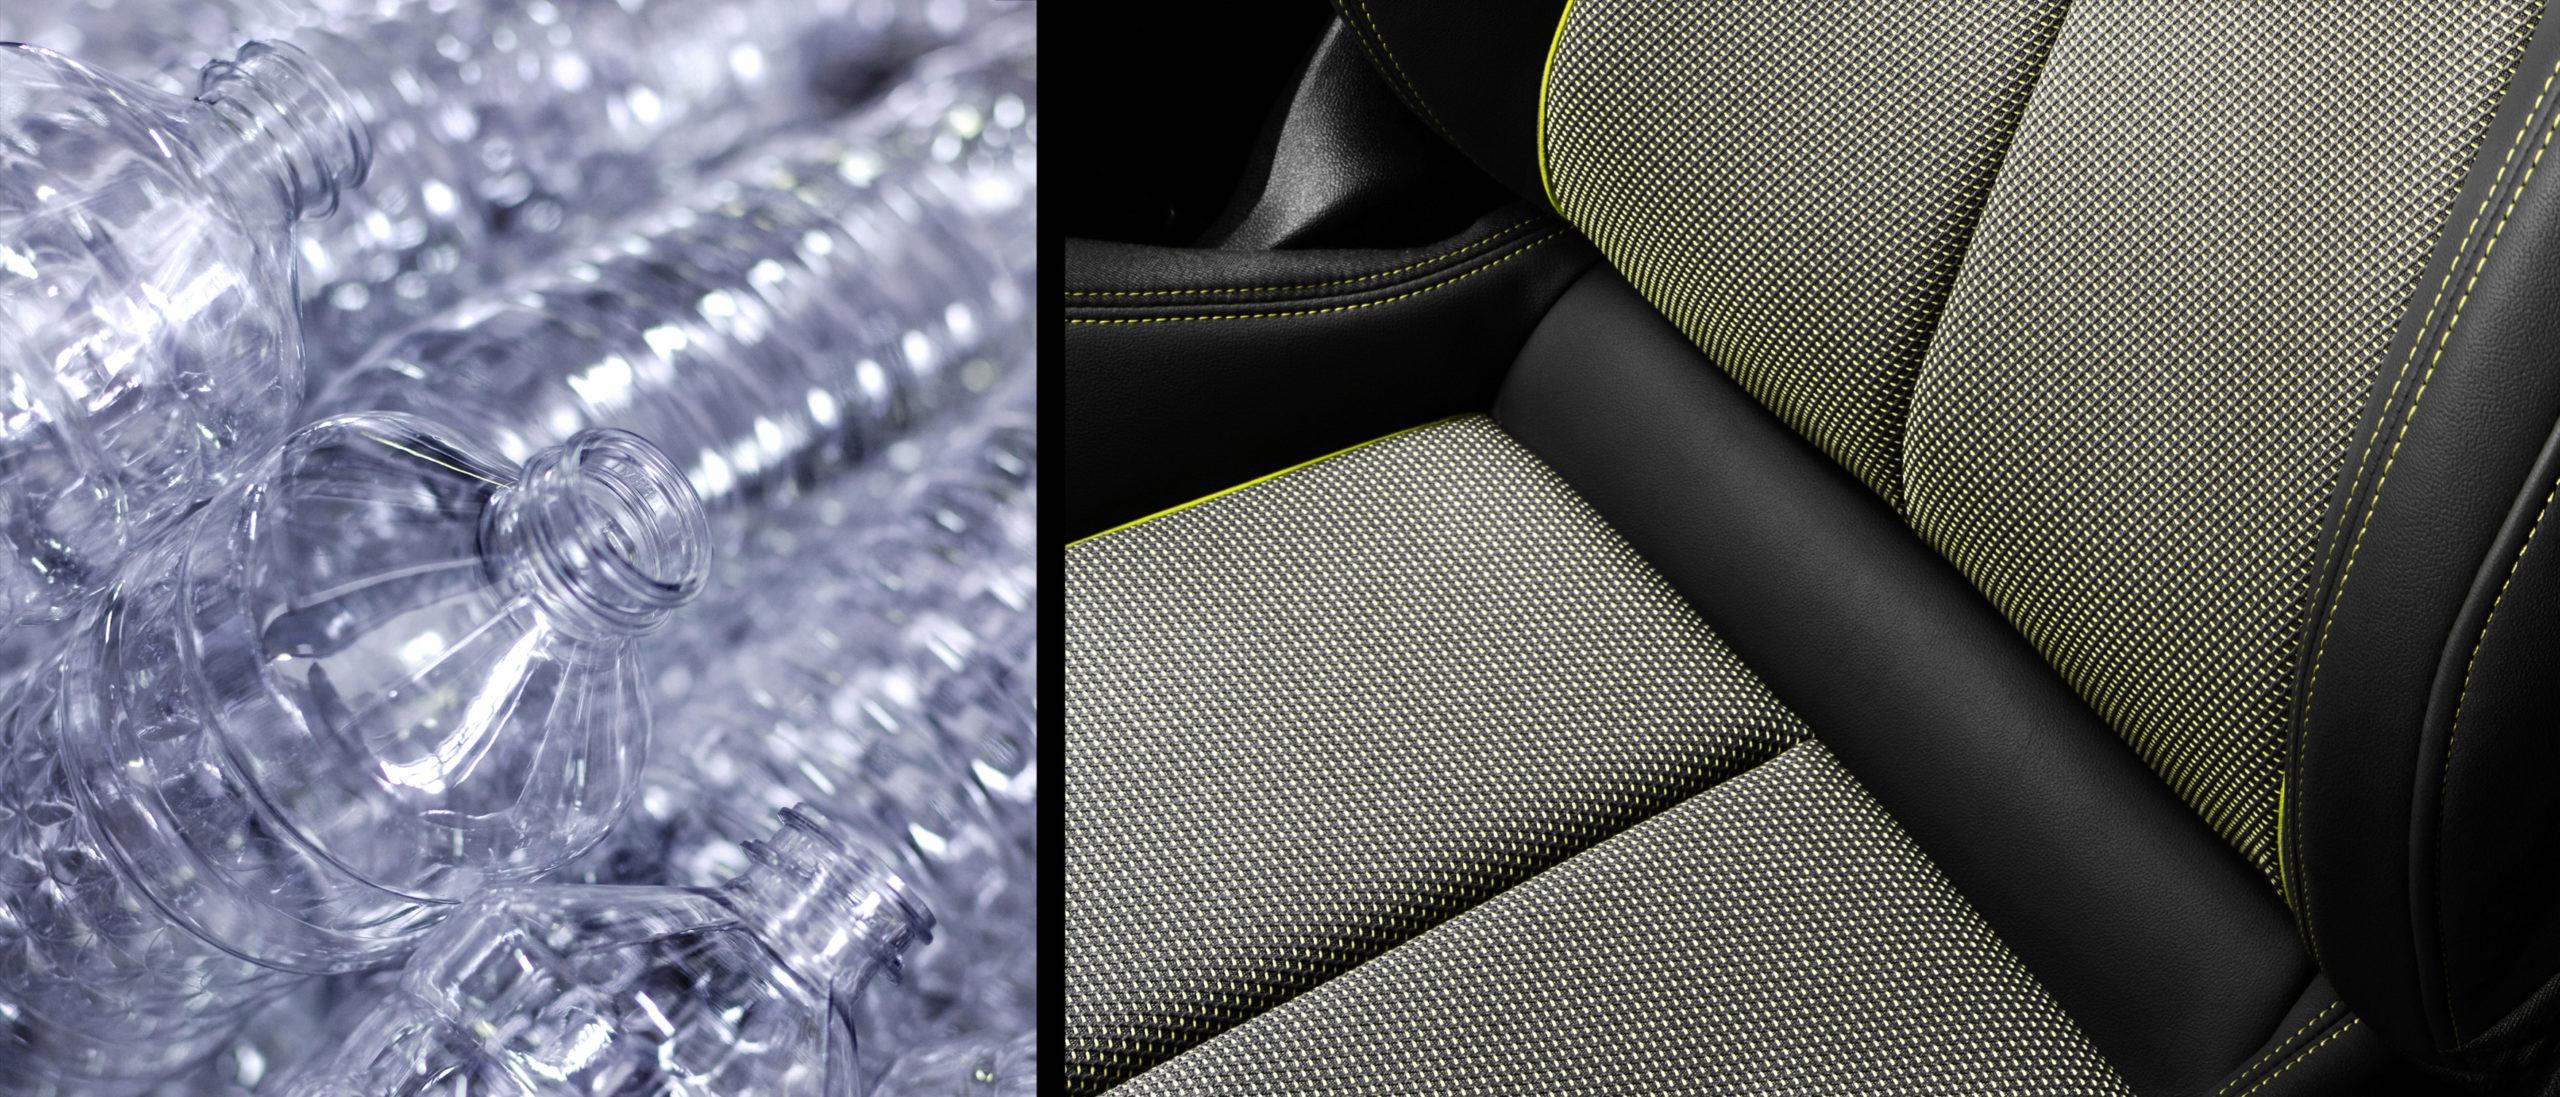 Nuova Audi A3 2020, gli interni in plastica riciclata